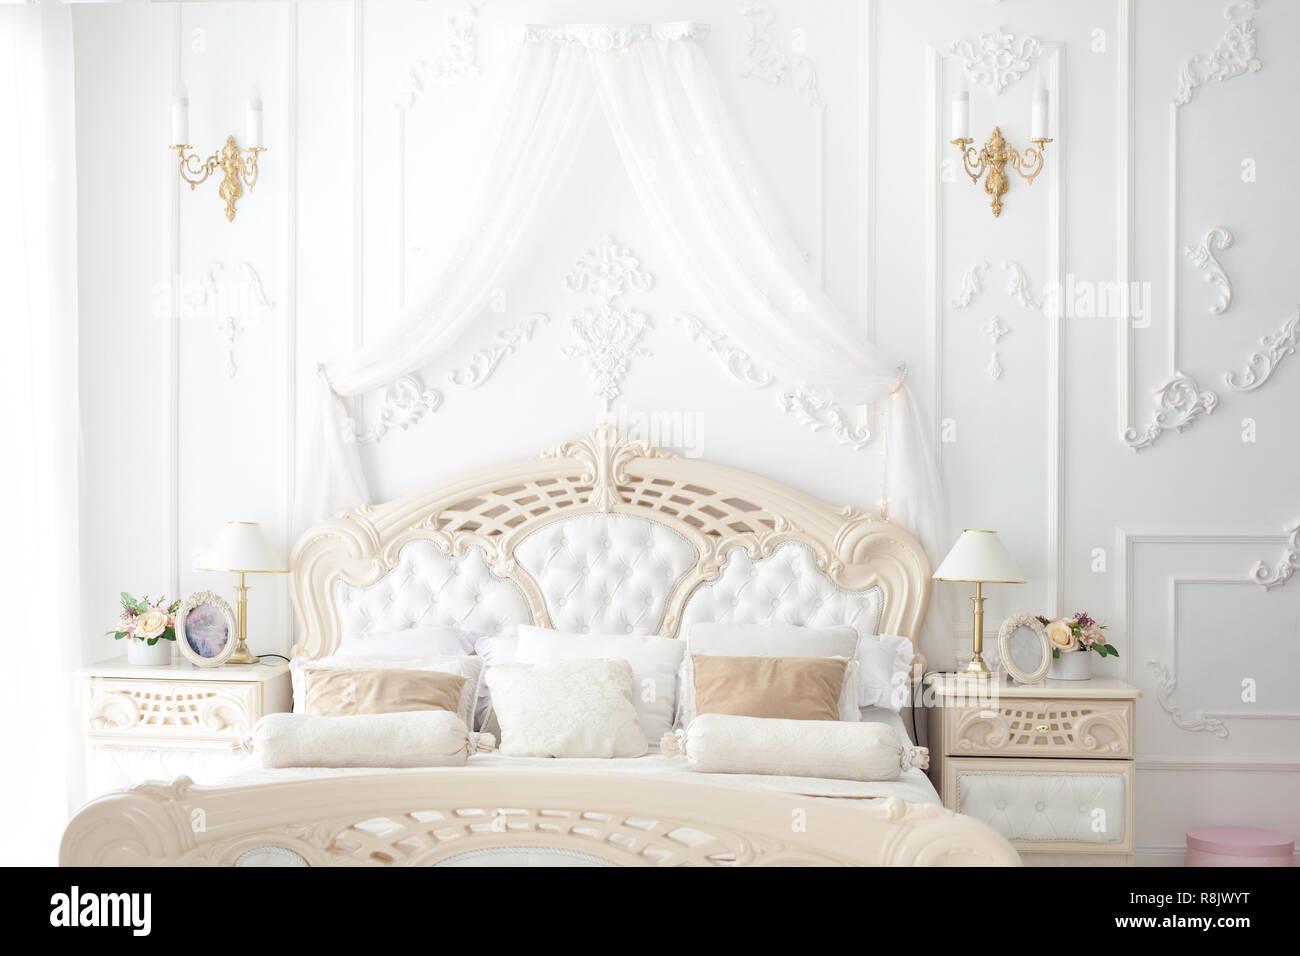 Bellissimo letto matrimoniale in camera da letto in stile rococò ...